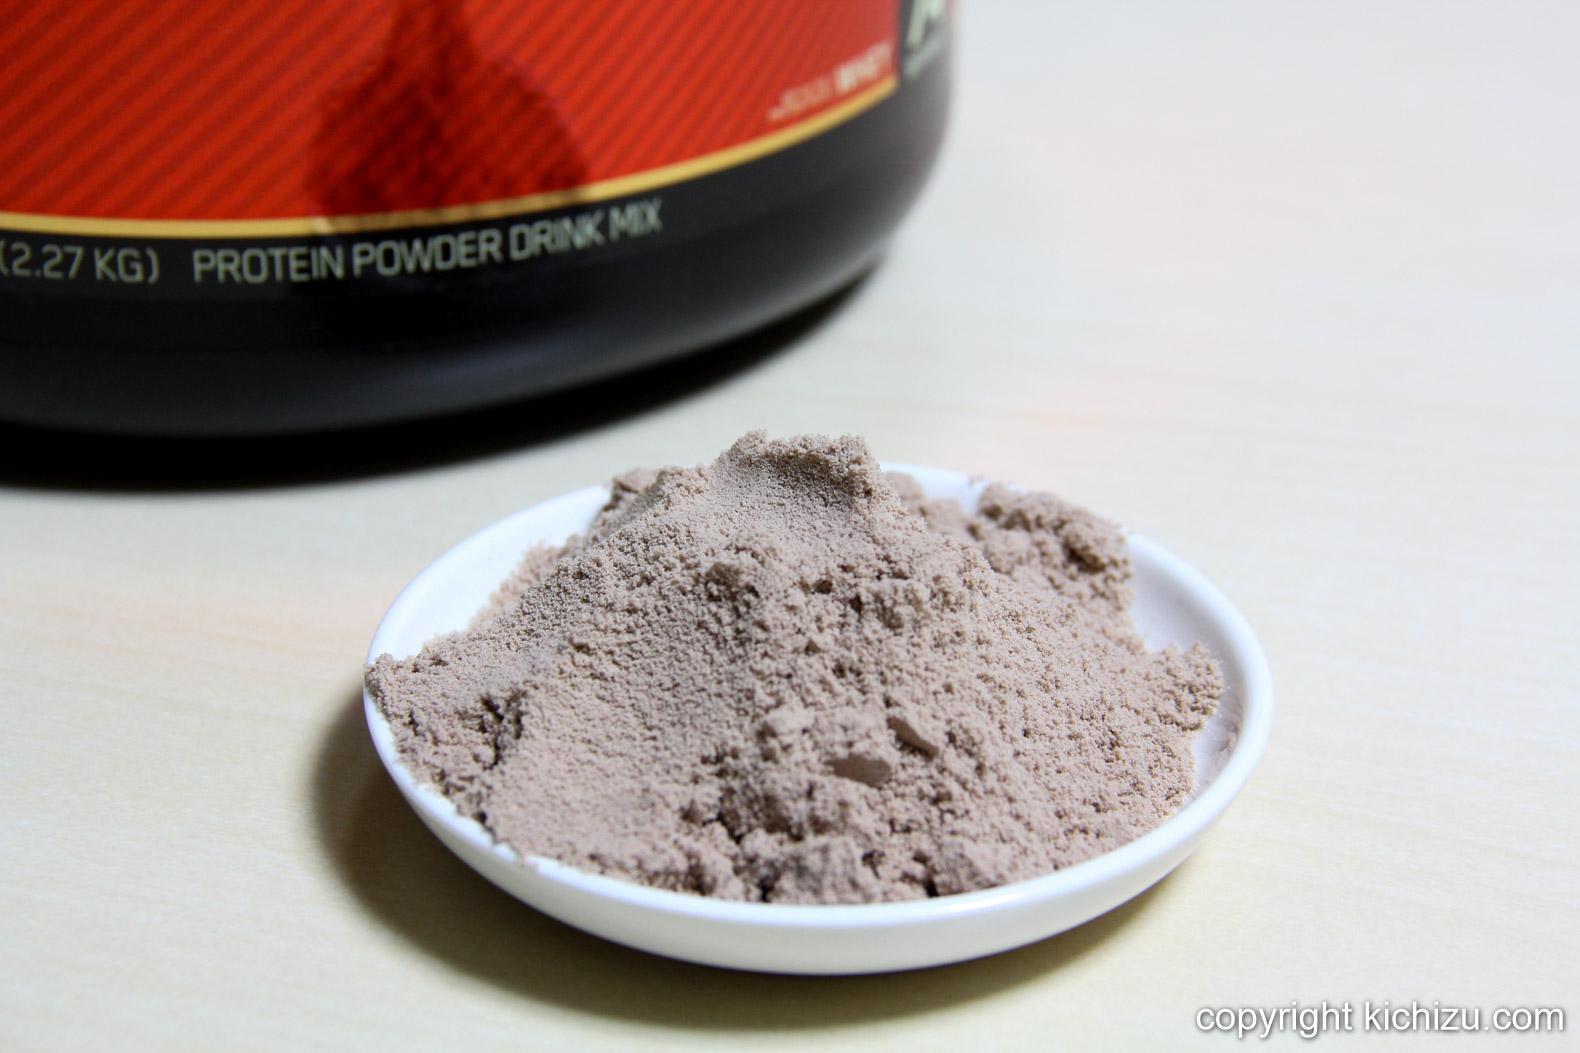 Optimum Nutrition ホエイプロテイン・ダブルリッチチョコレートの粉